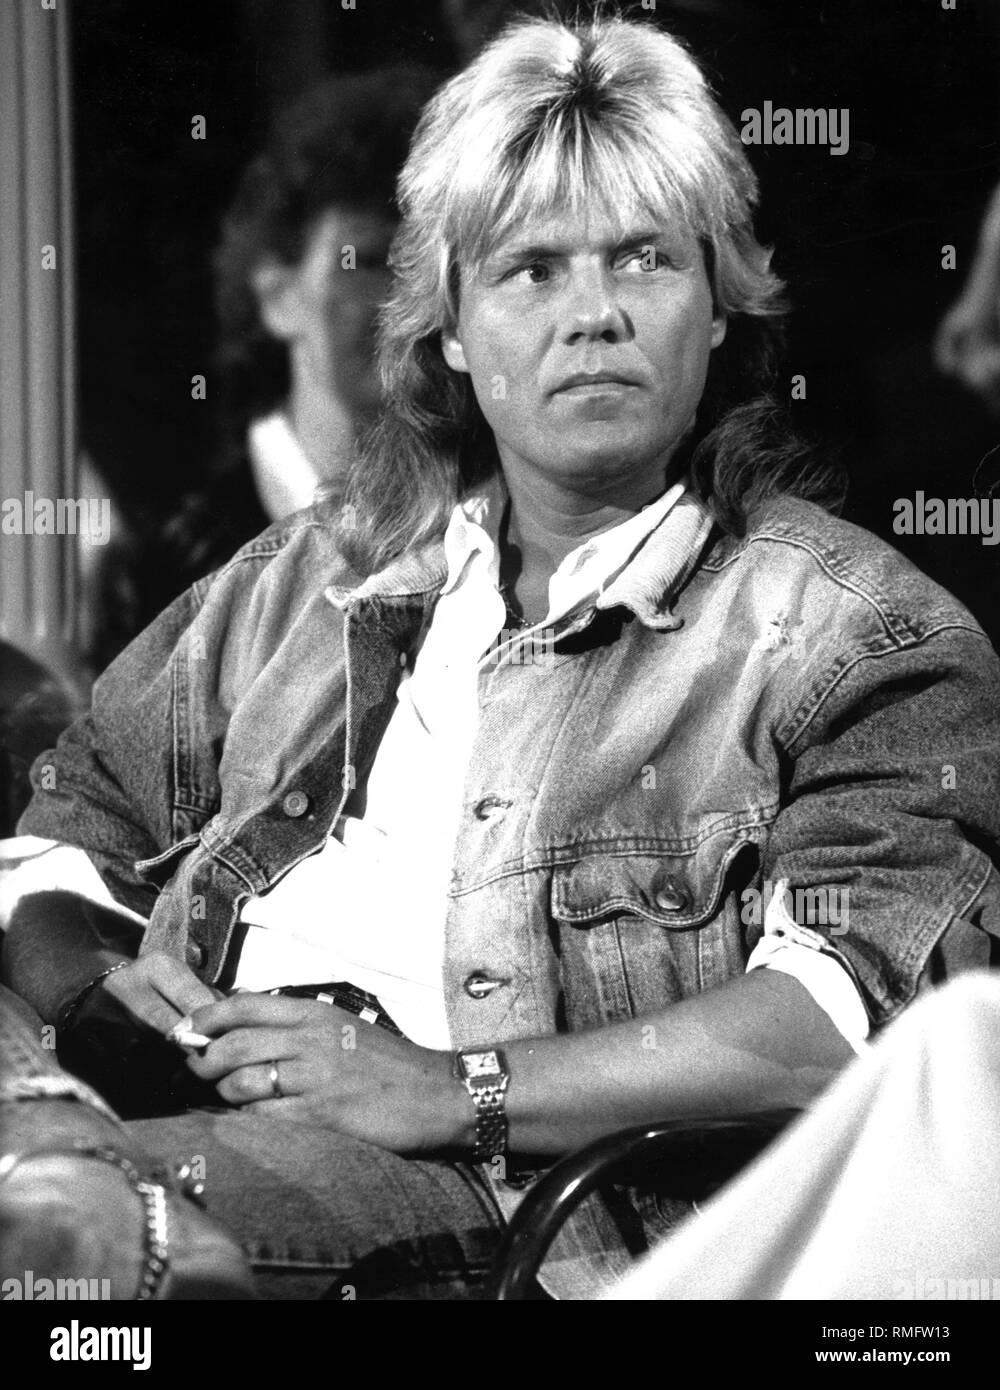 Dieter Bohlen, a Schlager singer. - Stock Image